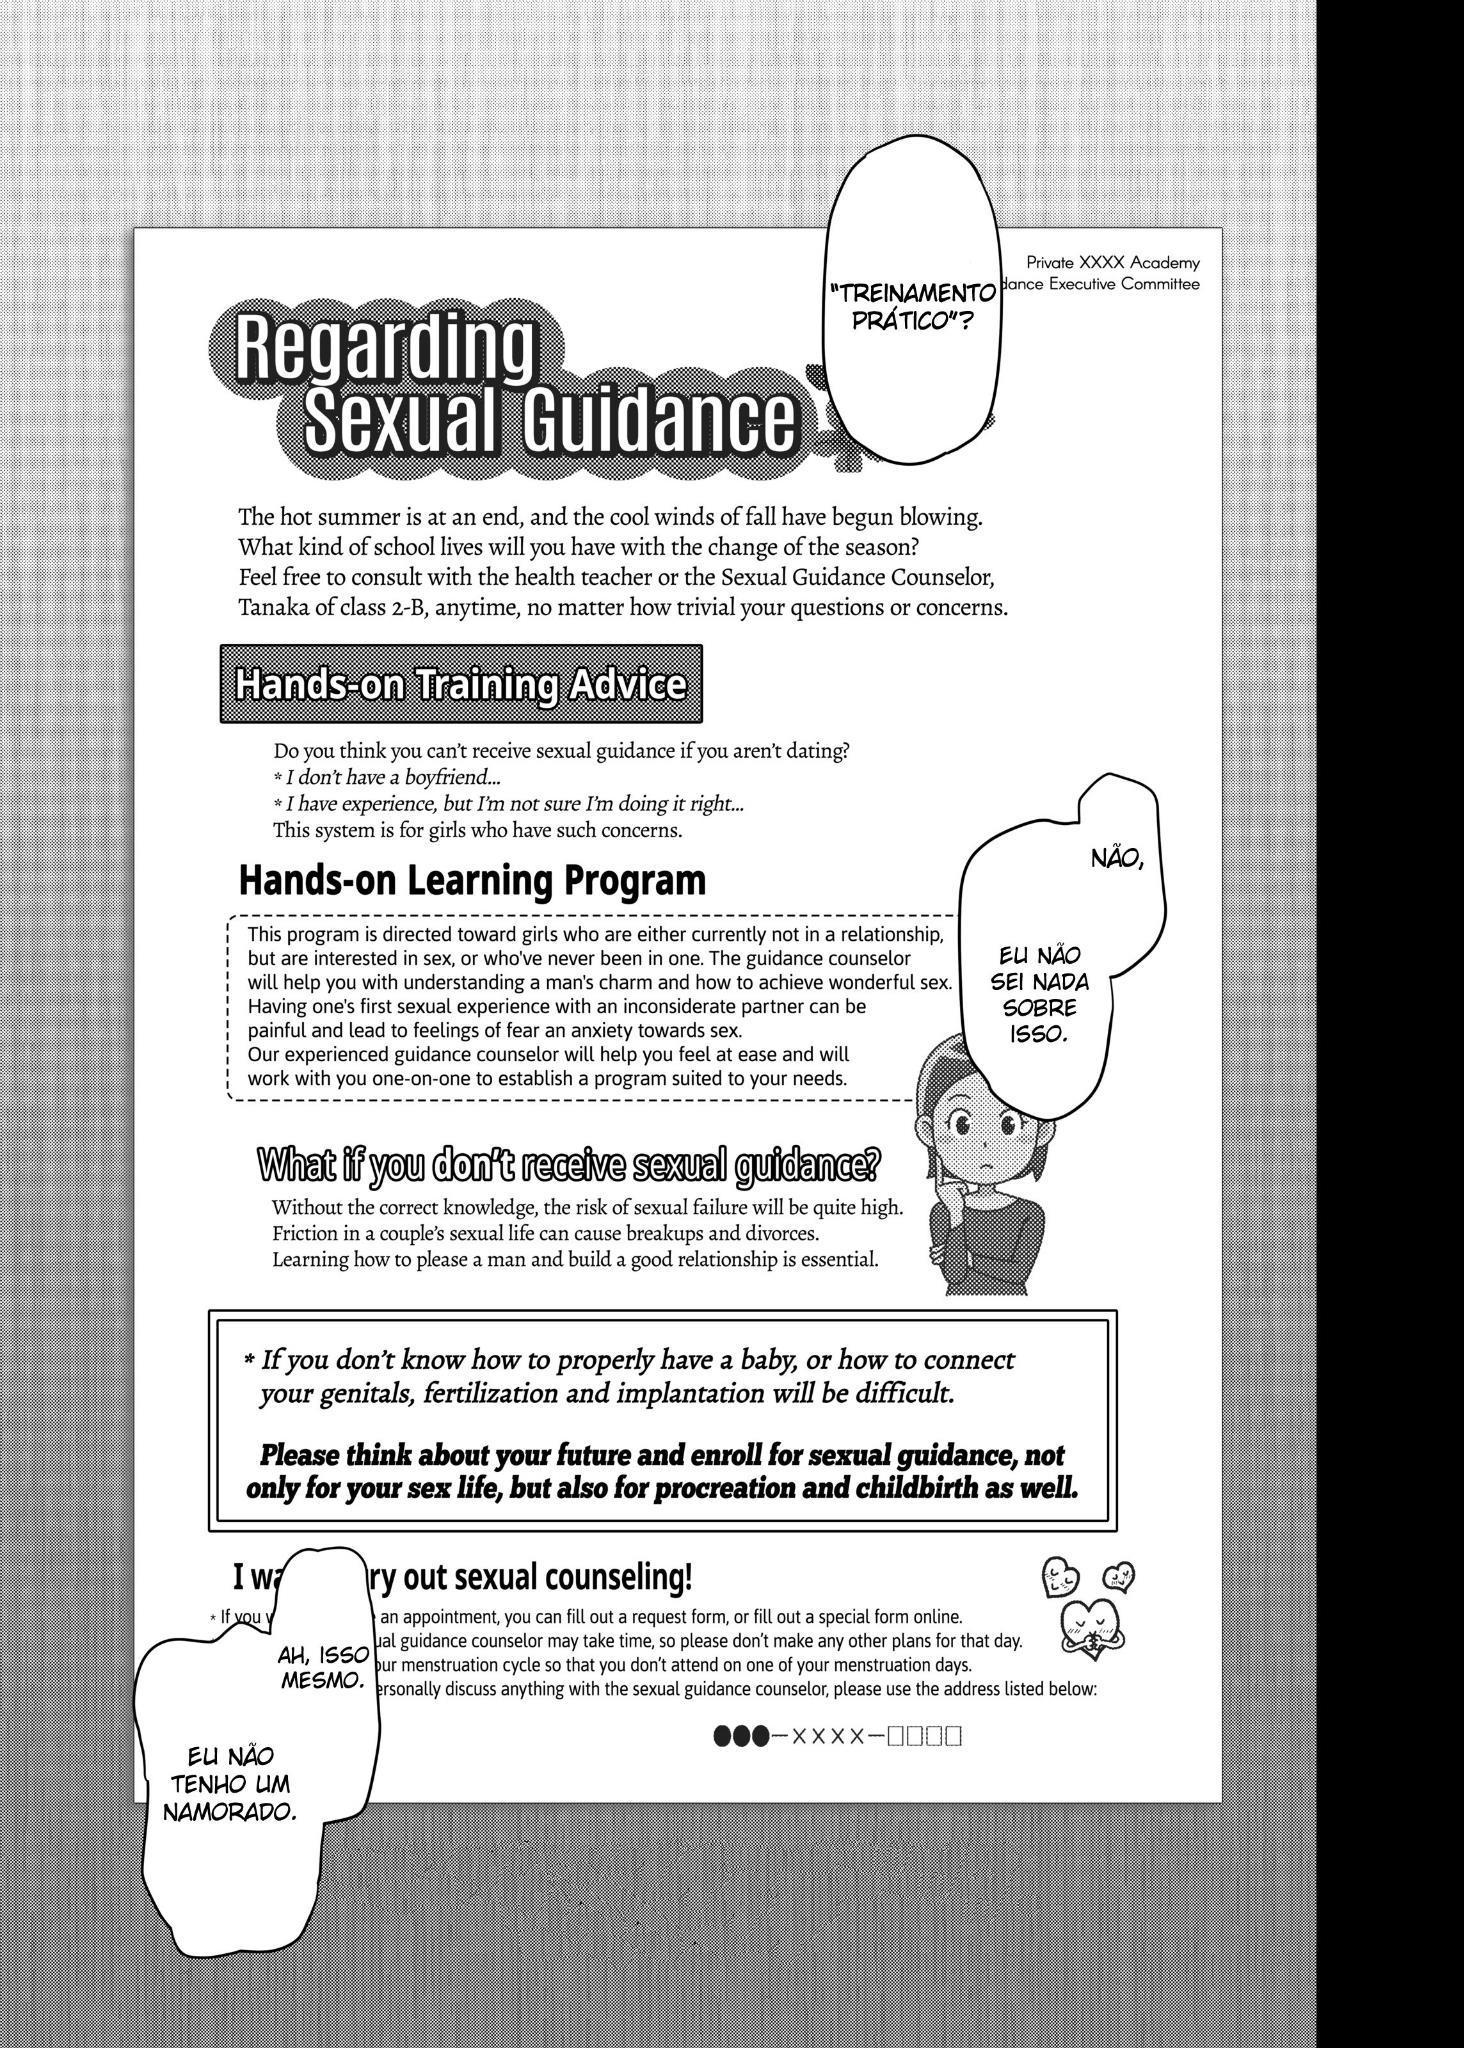 pagina_12 Use o navegador Google Chrome para leitura. Tudo mais RÁPIDO!!!!